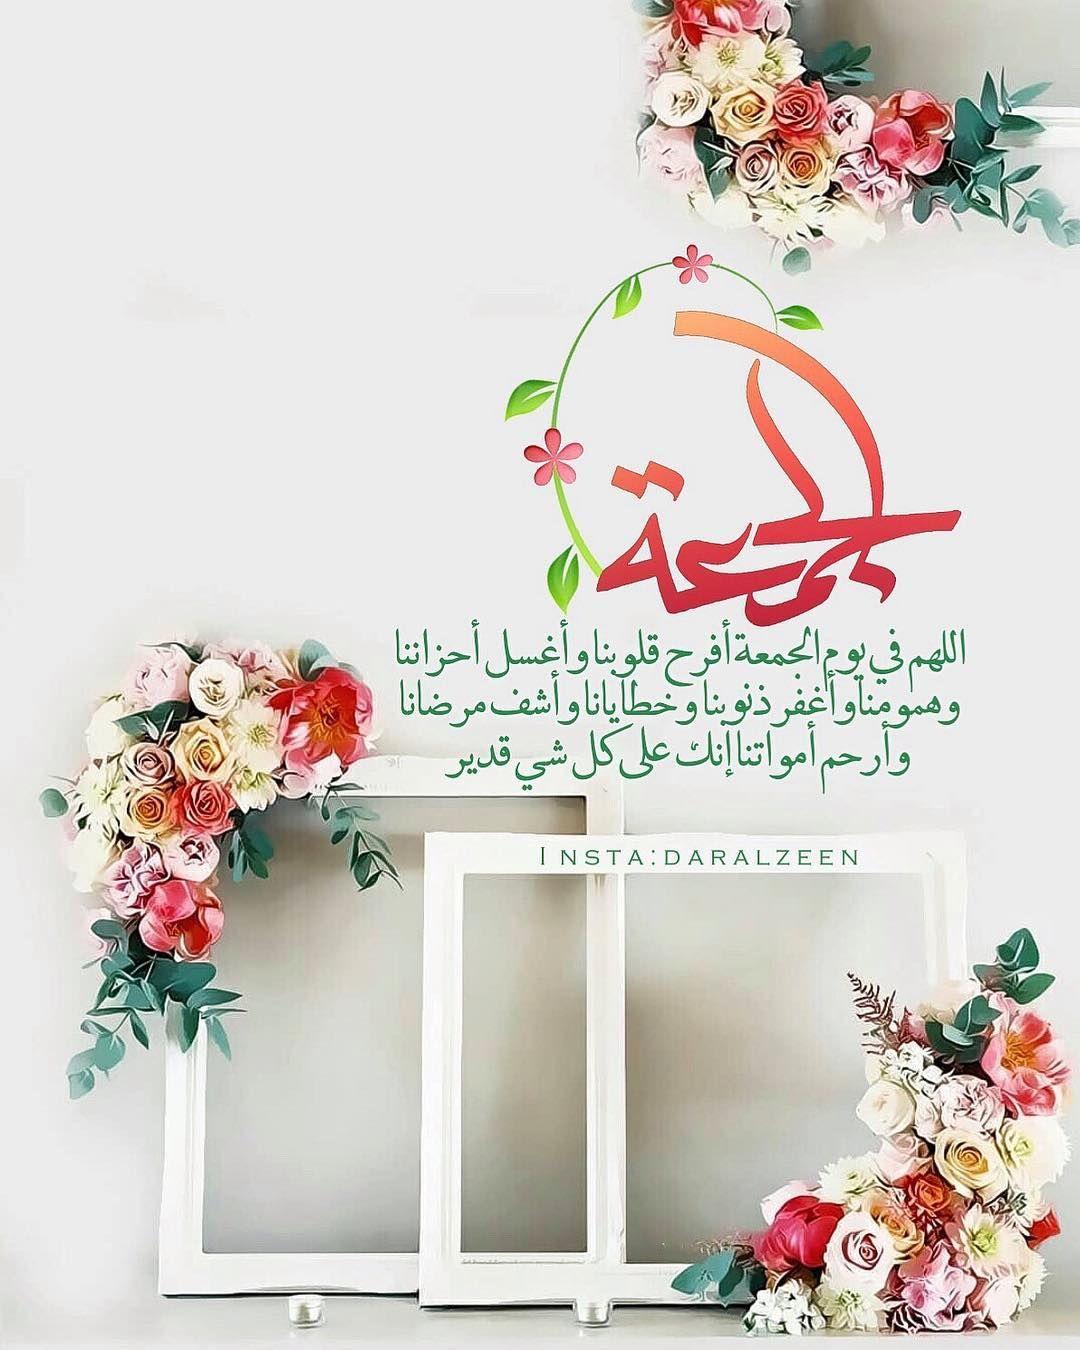 جمعة مباركة يوم الجمعه تويتر